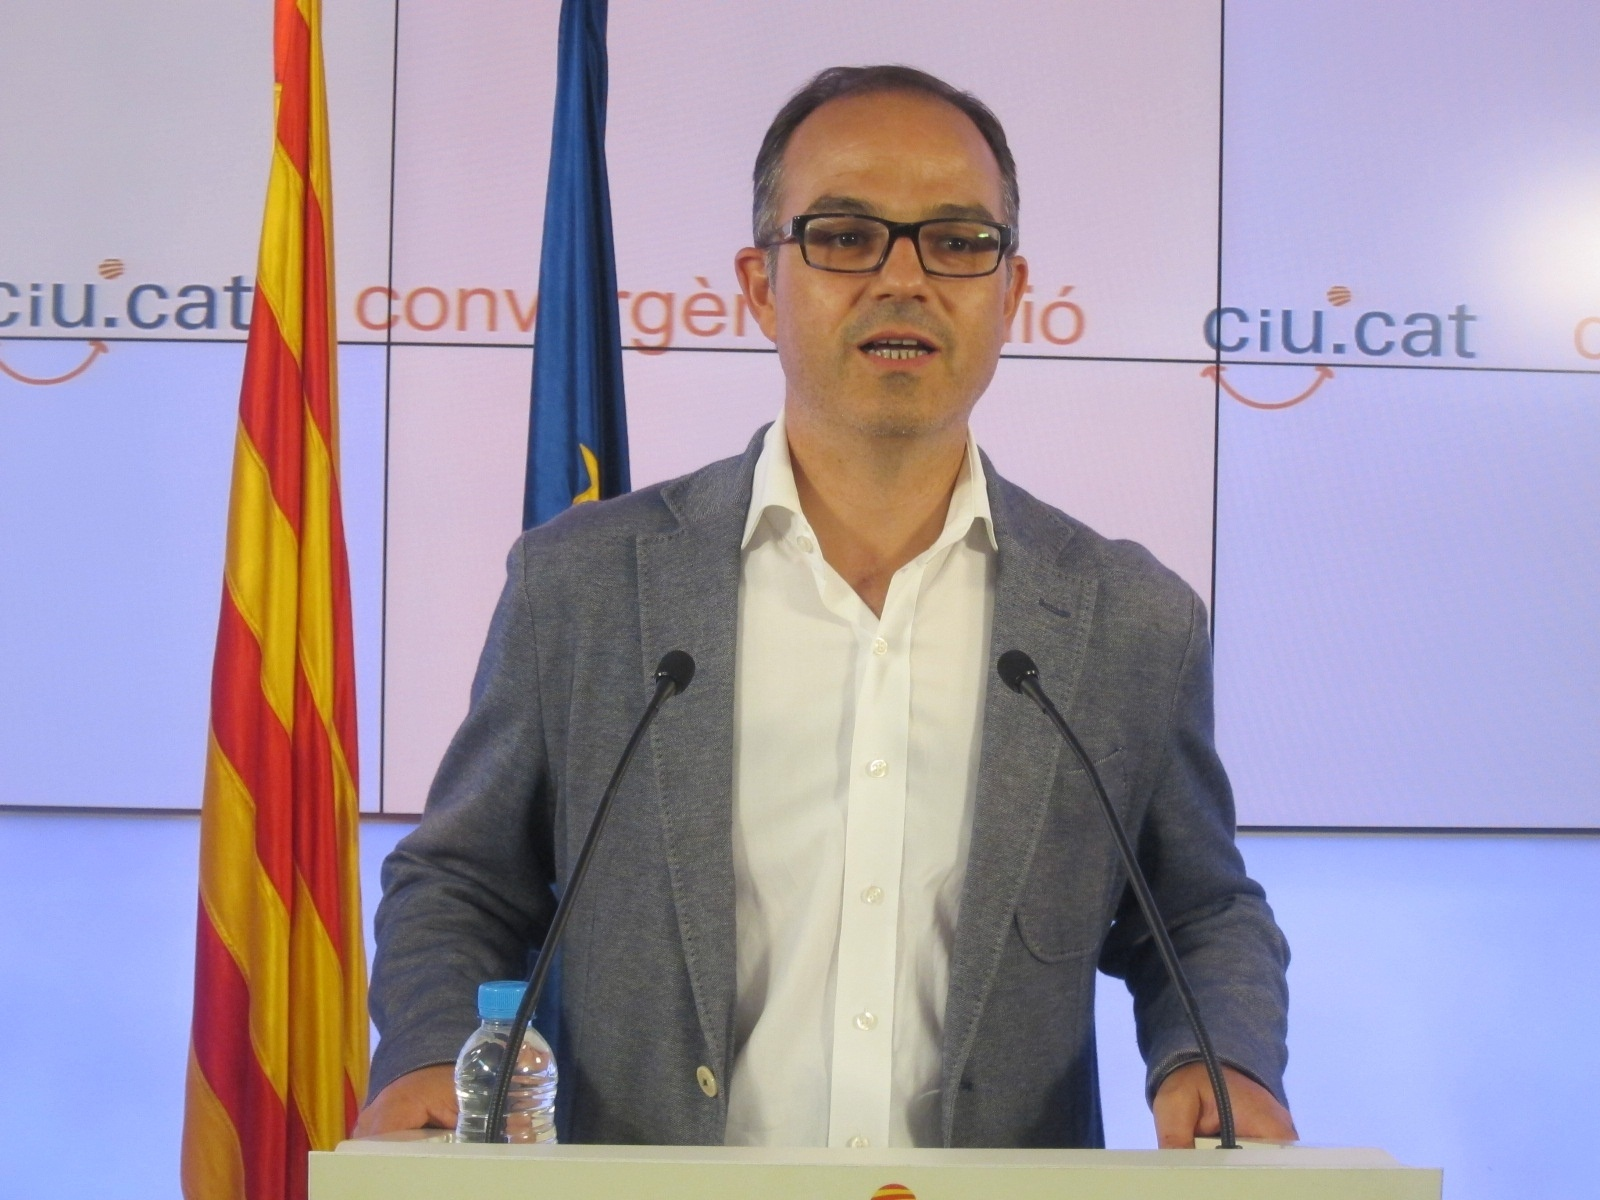 CiU lamenta que «la España subsidiada viva a costa de la Cataluña productiva» por el actual modelo de financiación